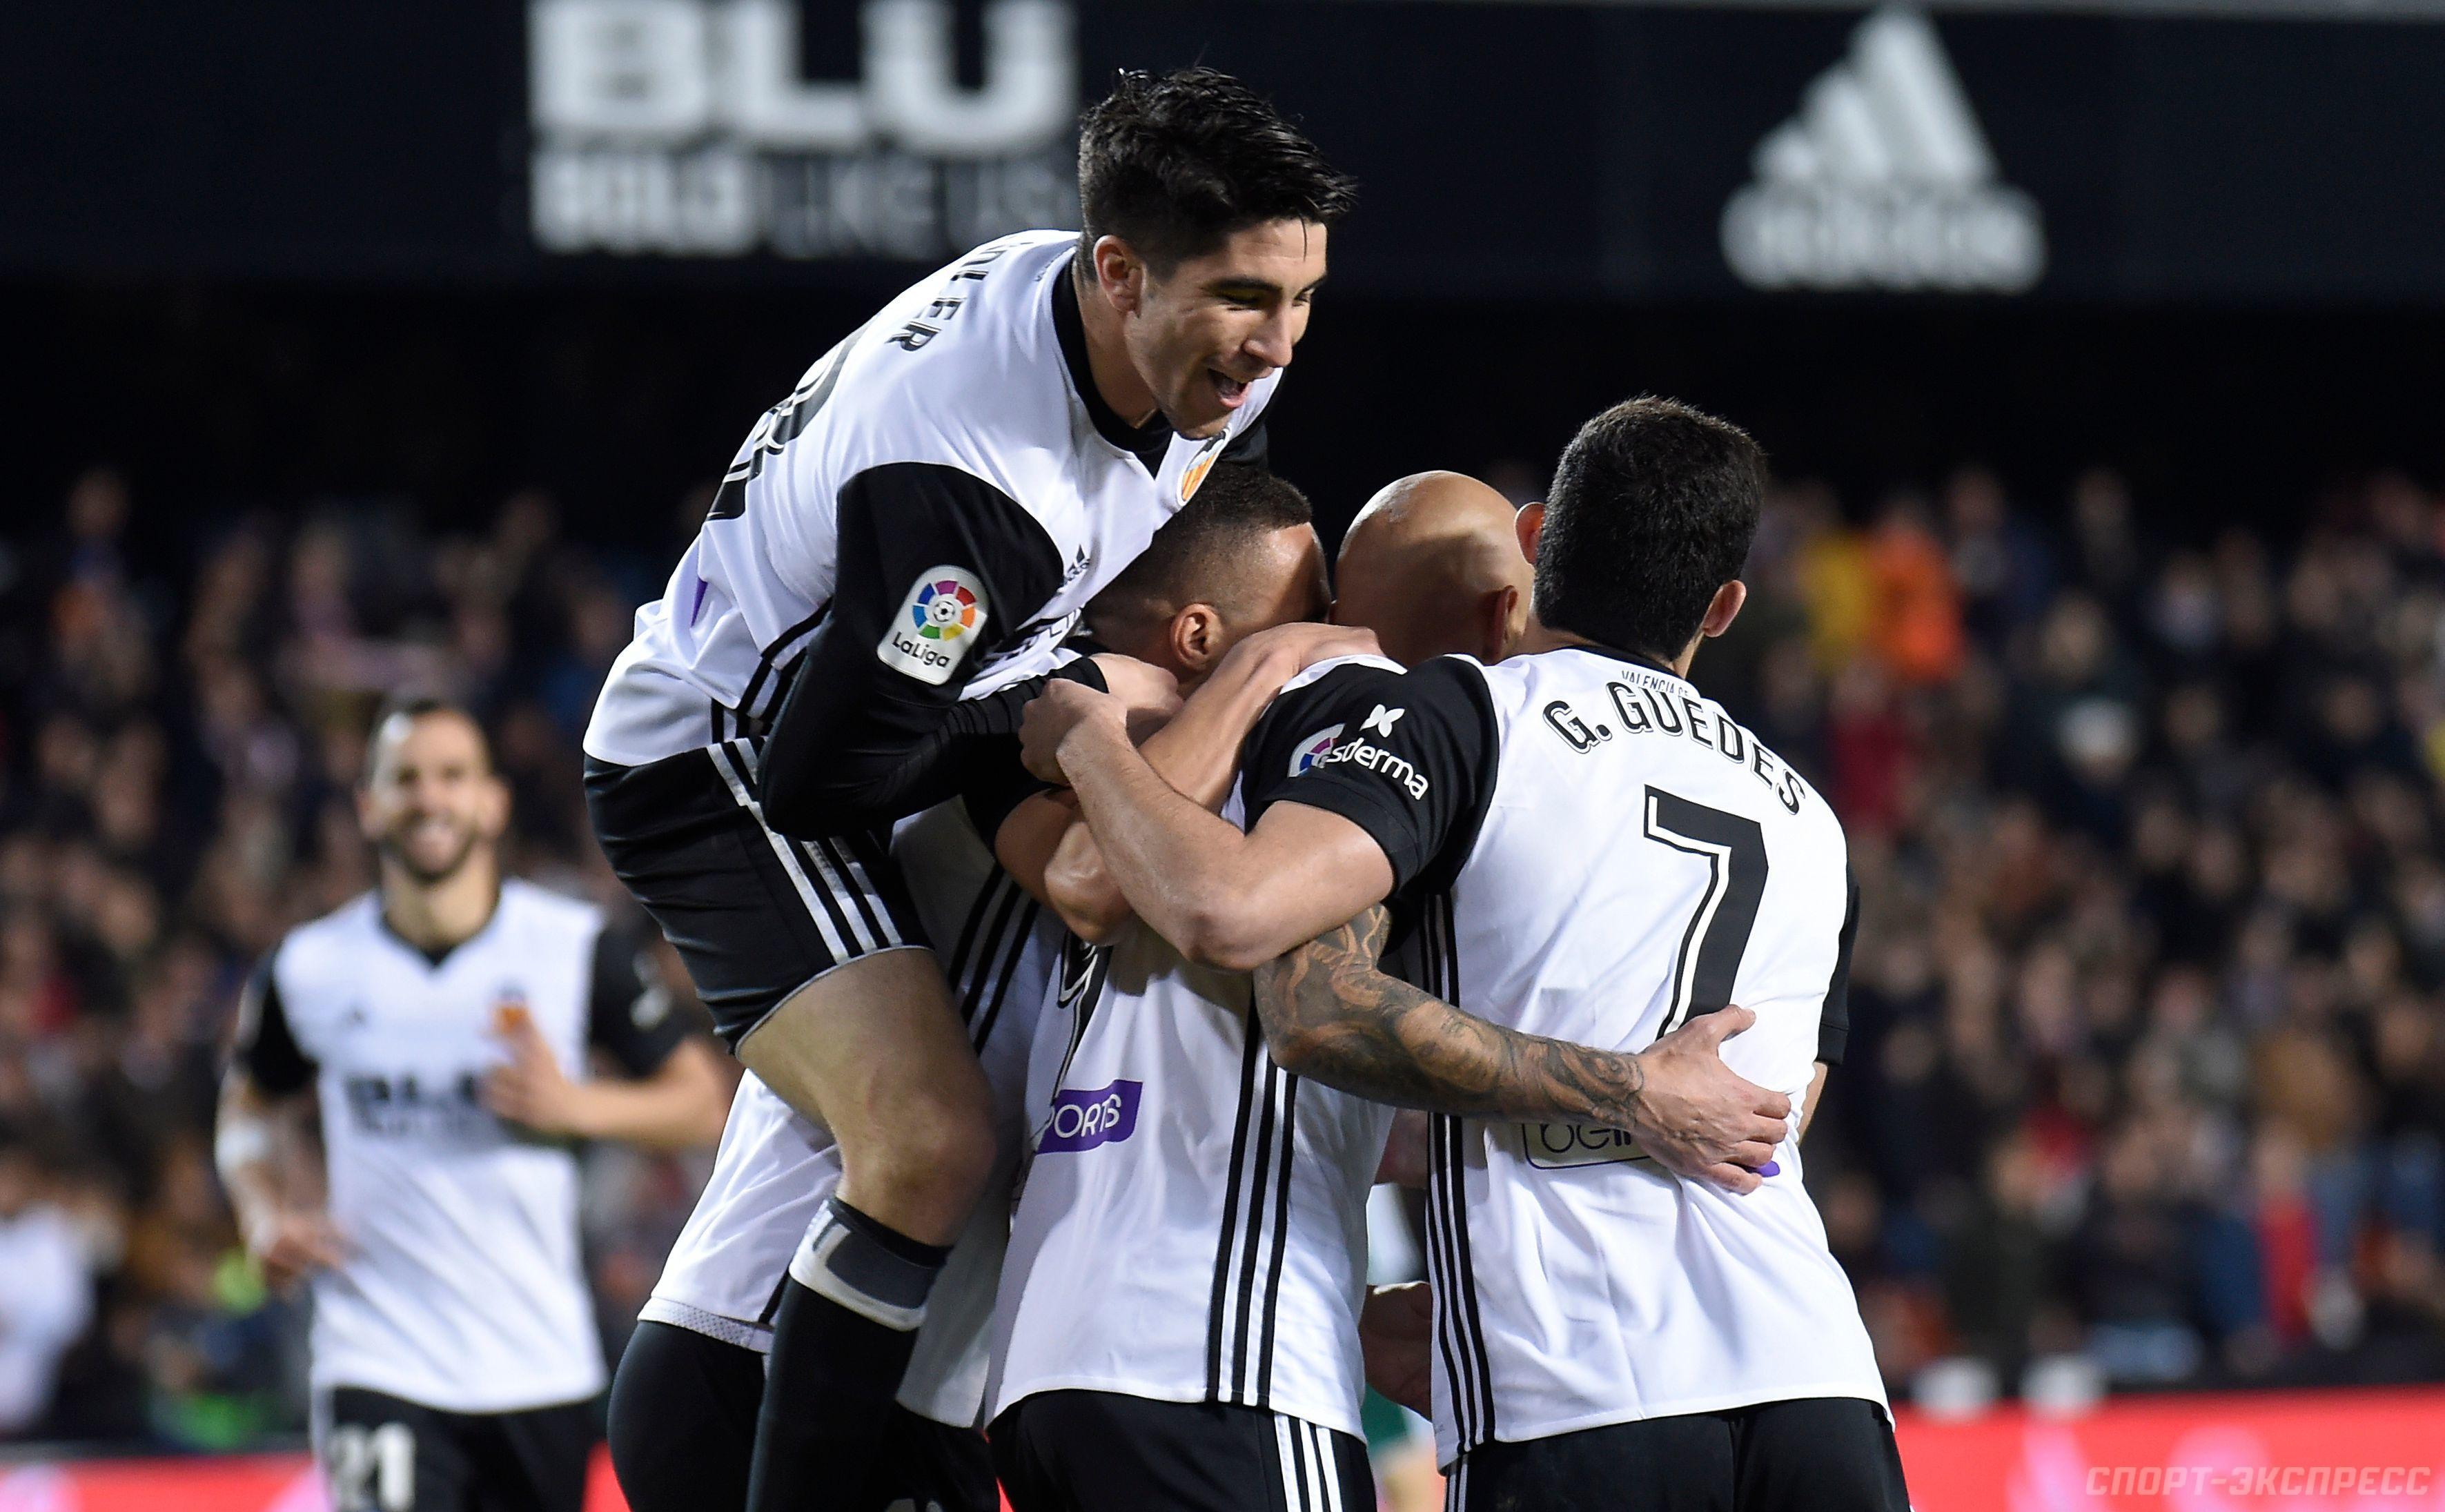 Прогноз на матч Валенсия - Севилья 16 апреля 2017